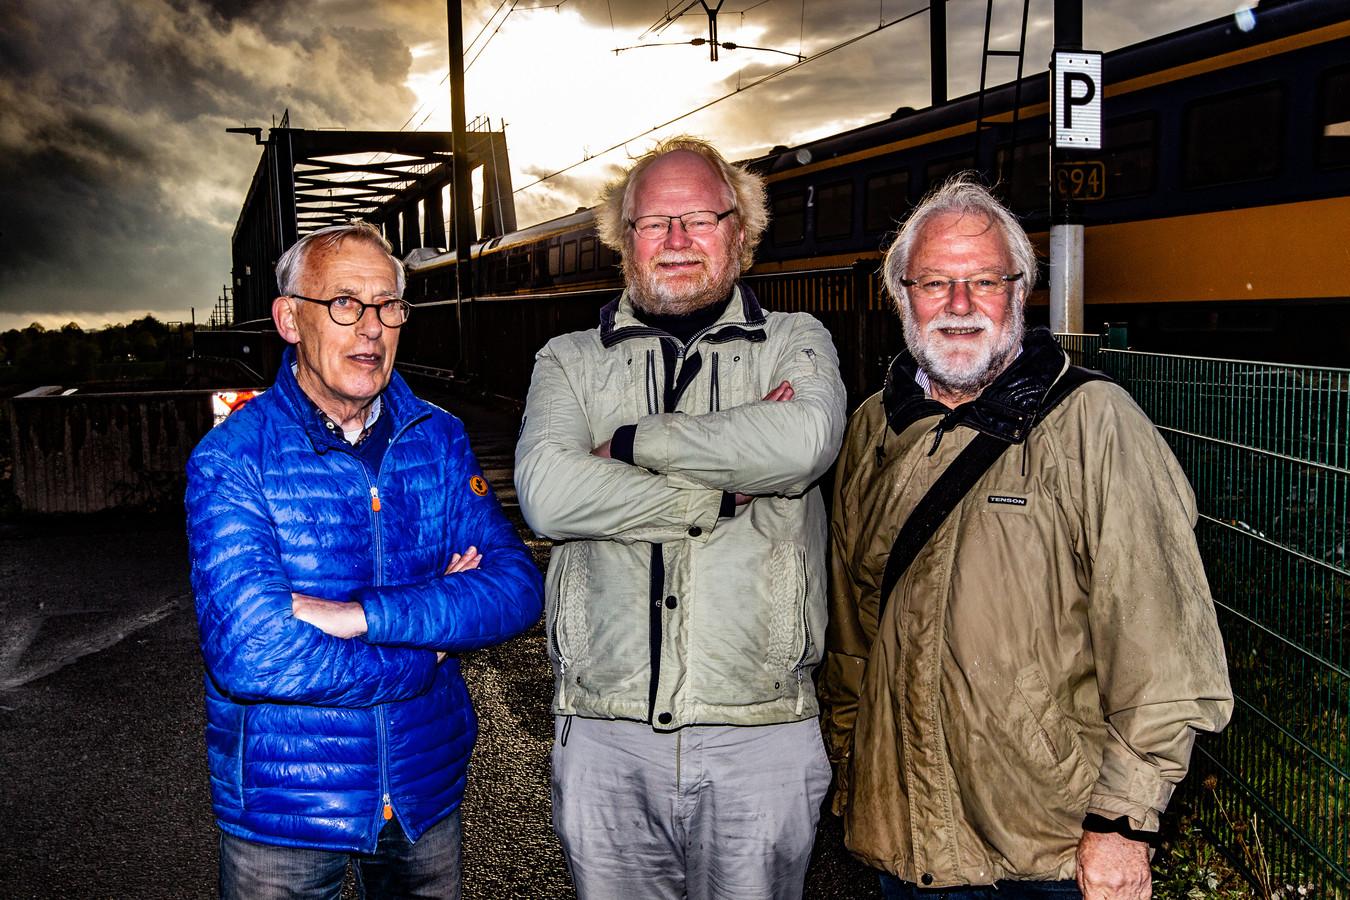 Henk Nijhuis, Freddy Braaksma en Albert van Driel (vlnr) ervaren overlast door geluid van treinen. ,,Daar is wat aan te doen.''